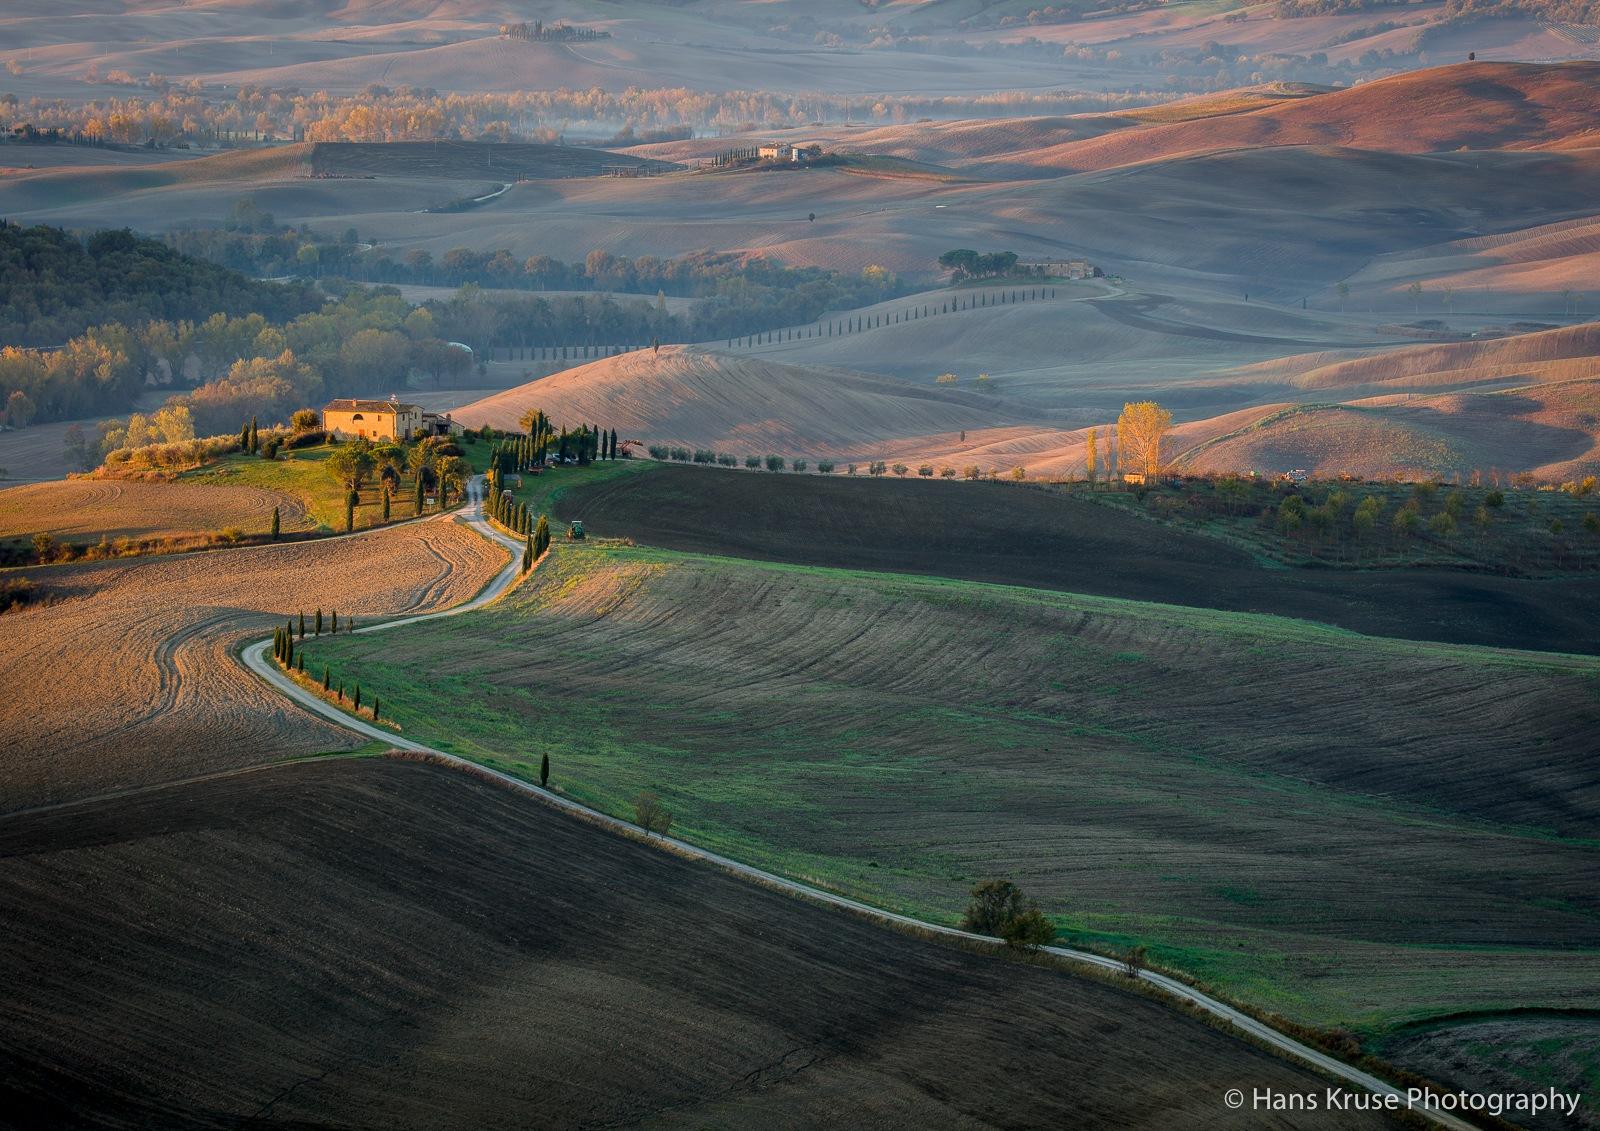 Gladiators Road by Hans Kruse